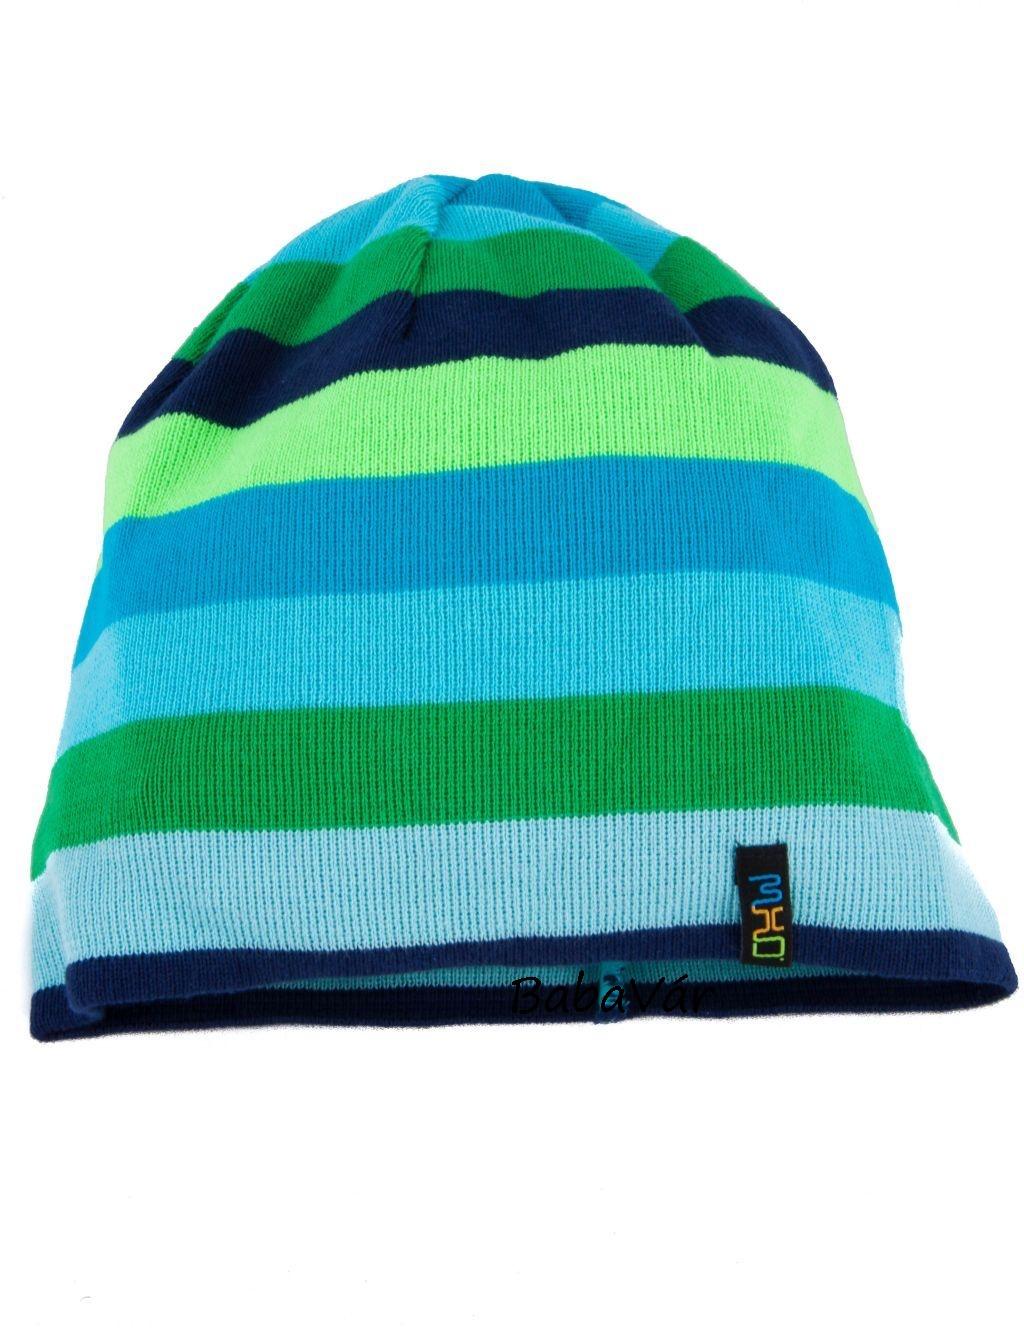 Maximo kék zöld csíkos kötött gyerek sapka  83bee2d021